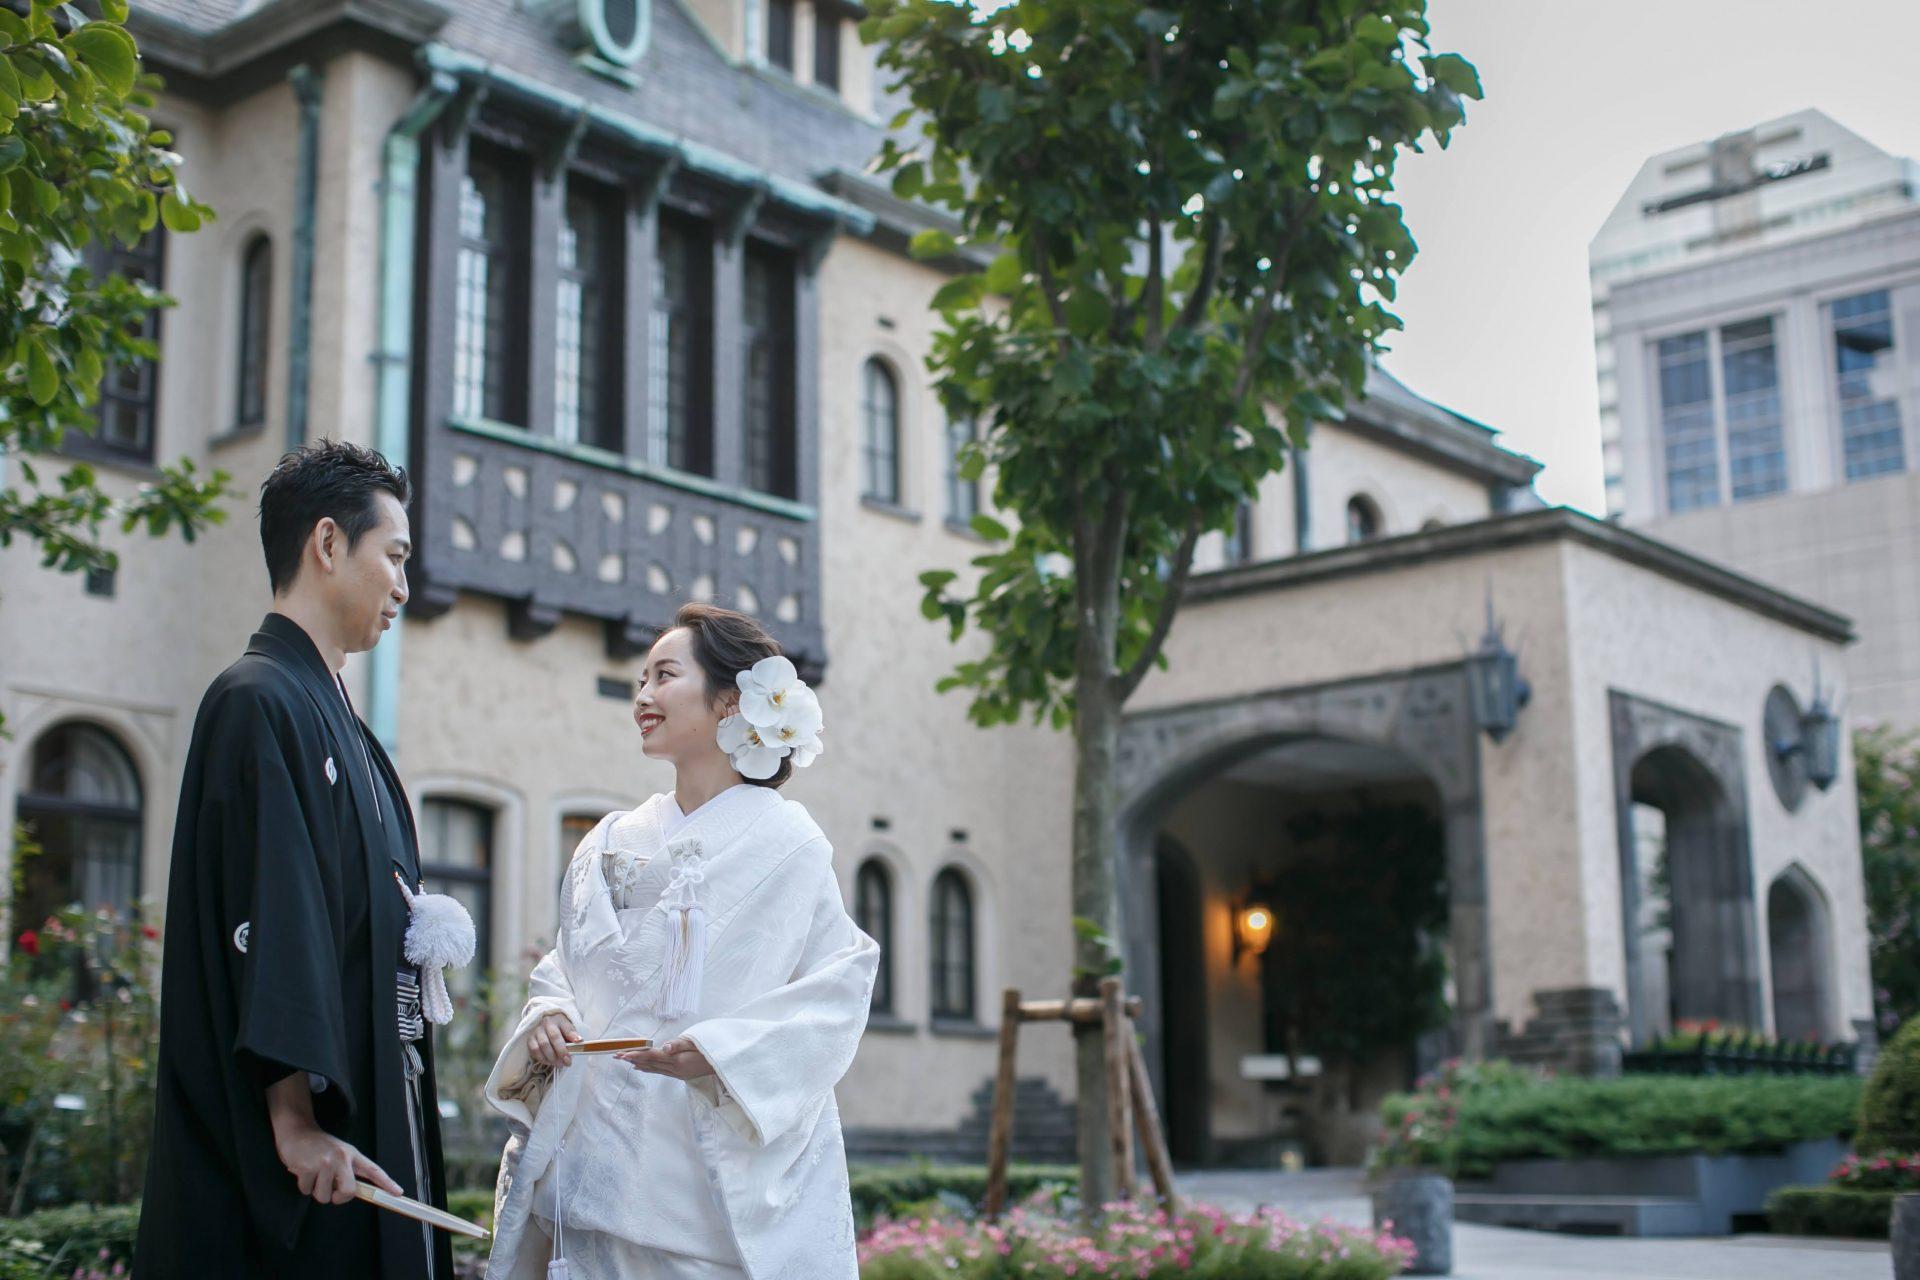 東京都心の駅からアクセスの良い赤坂プリンスクラシックハウスの建物は有形文化財にも登録されておりクラシックで落ち着いた雰囲気で、白無垢や色打掛などの和装での結婚式や前撮りも多くおこなわれている人気結婚式会場です